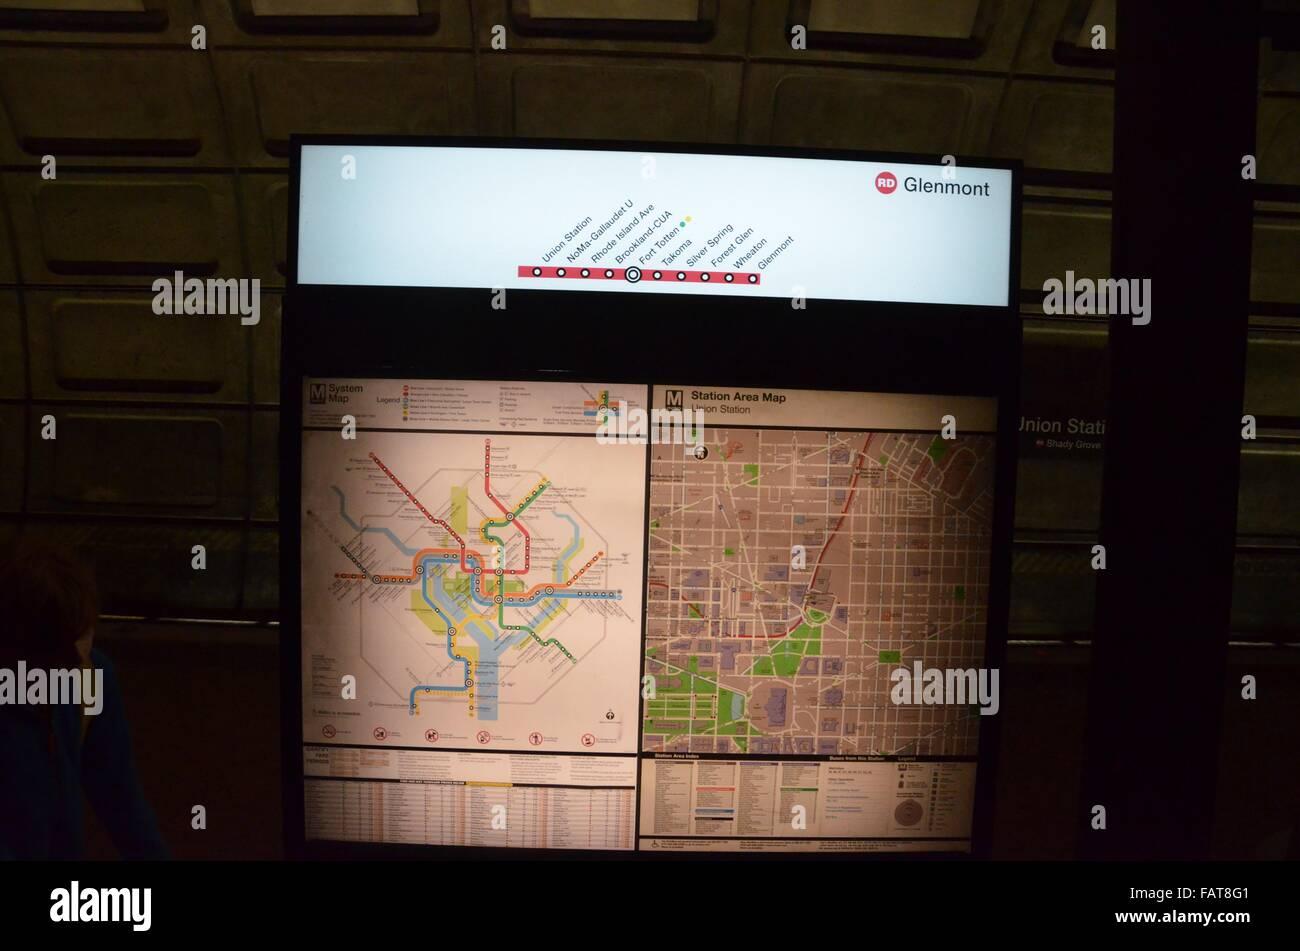 washington dc metro map displays illuminated - Stock Image